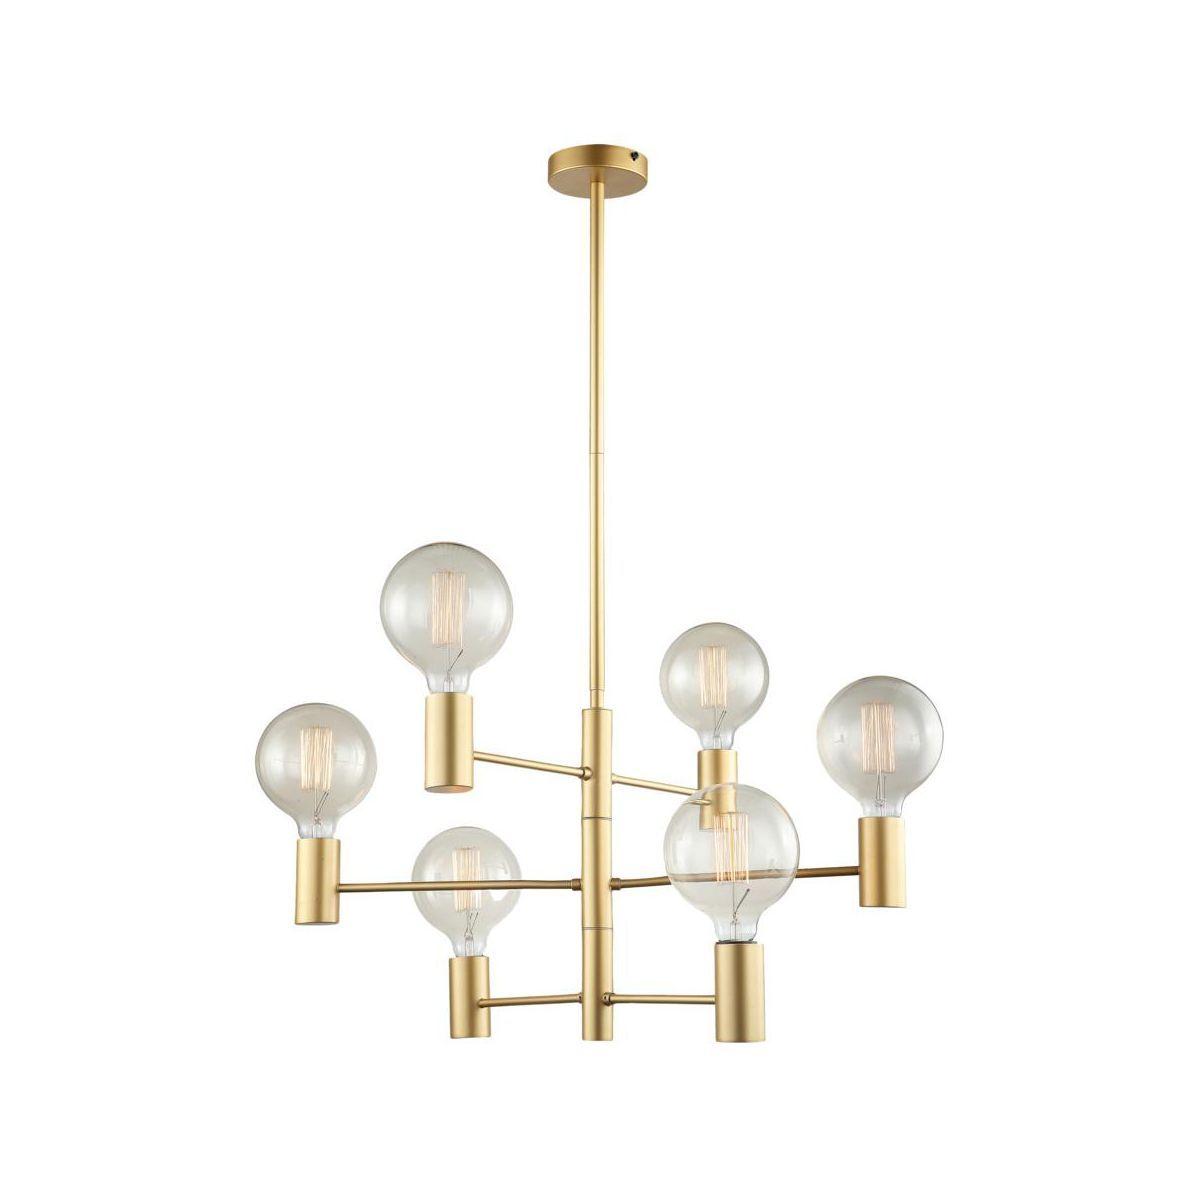 Lampa Wiszaca Veva Italux Lampy Sufitowe Zyrandole Plafony W Atrakcyjnej Cenie W Sklepach Leroy Merlin Ceiling Lights Loft Design Chandelier